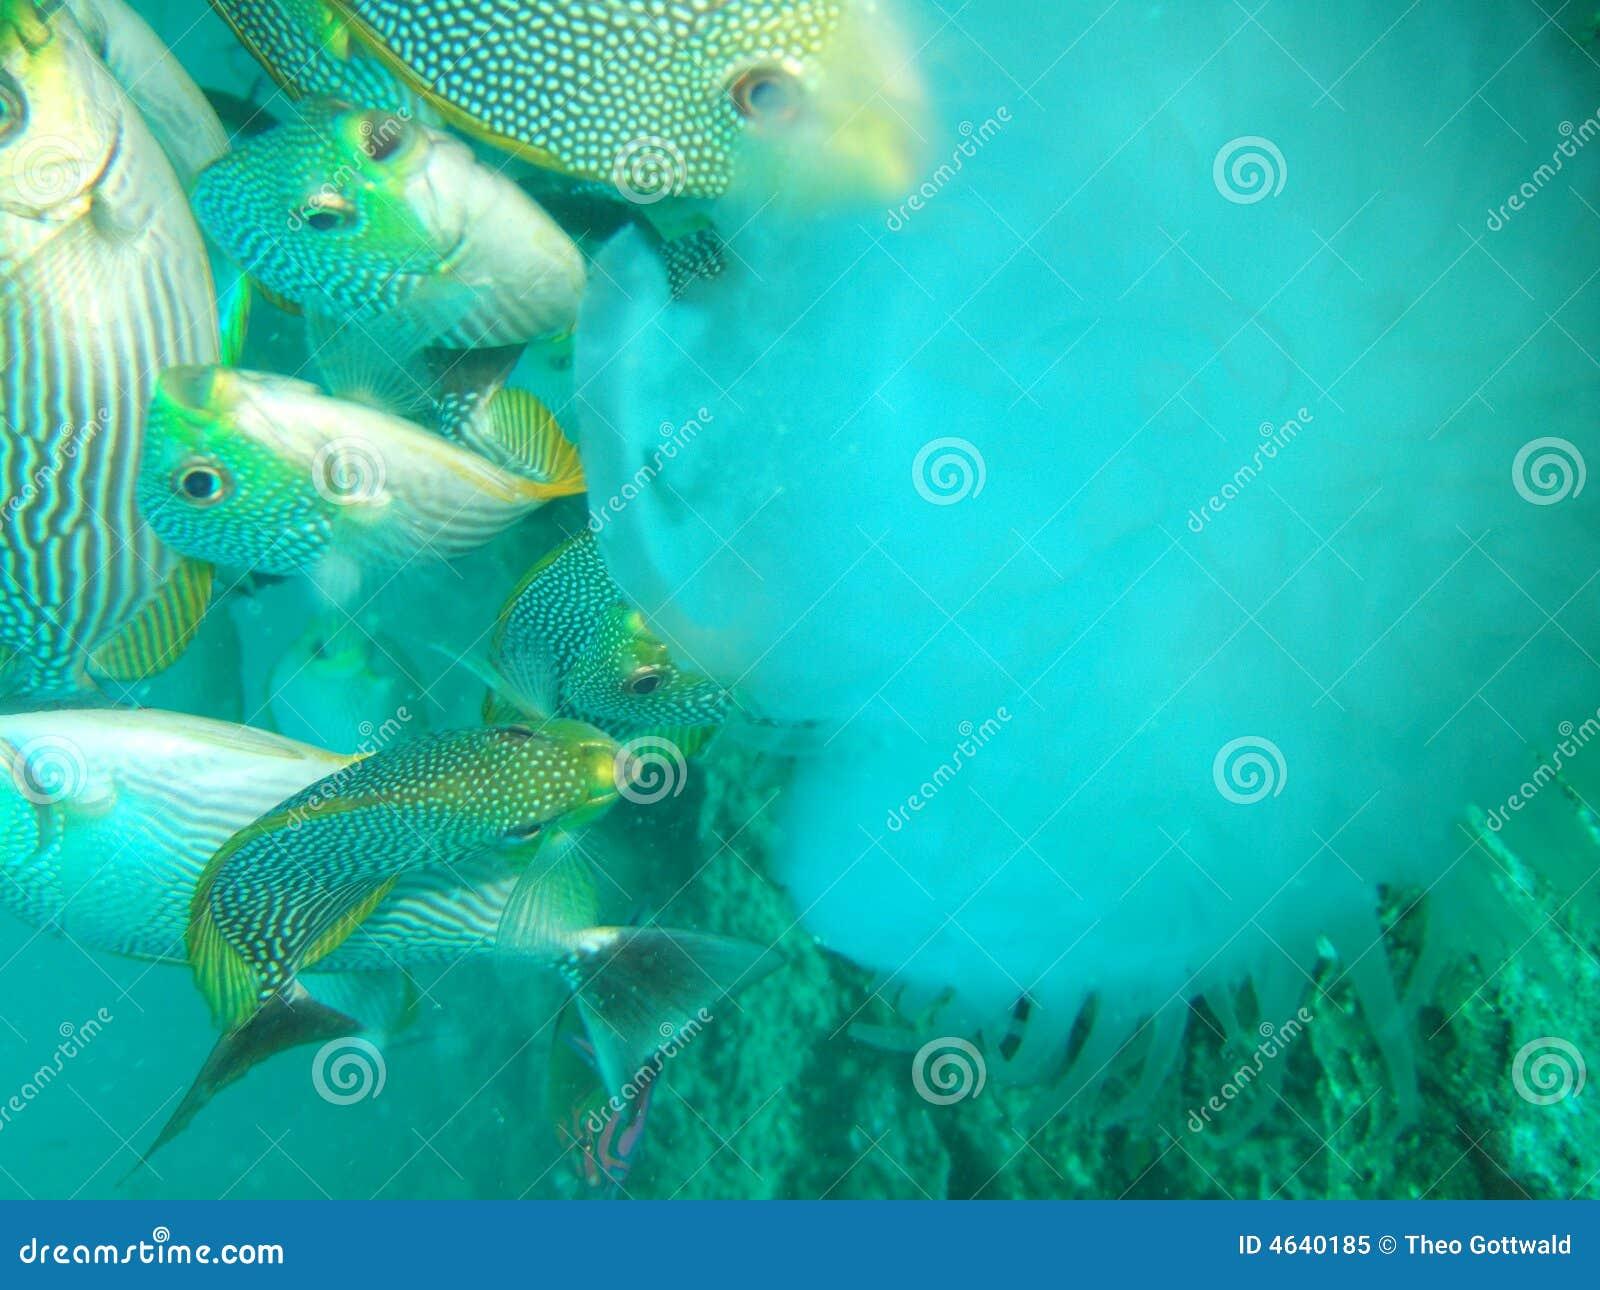 Alimentação de peixes marinhos